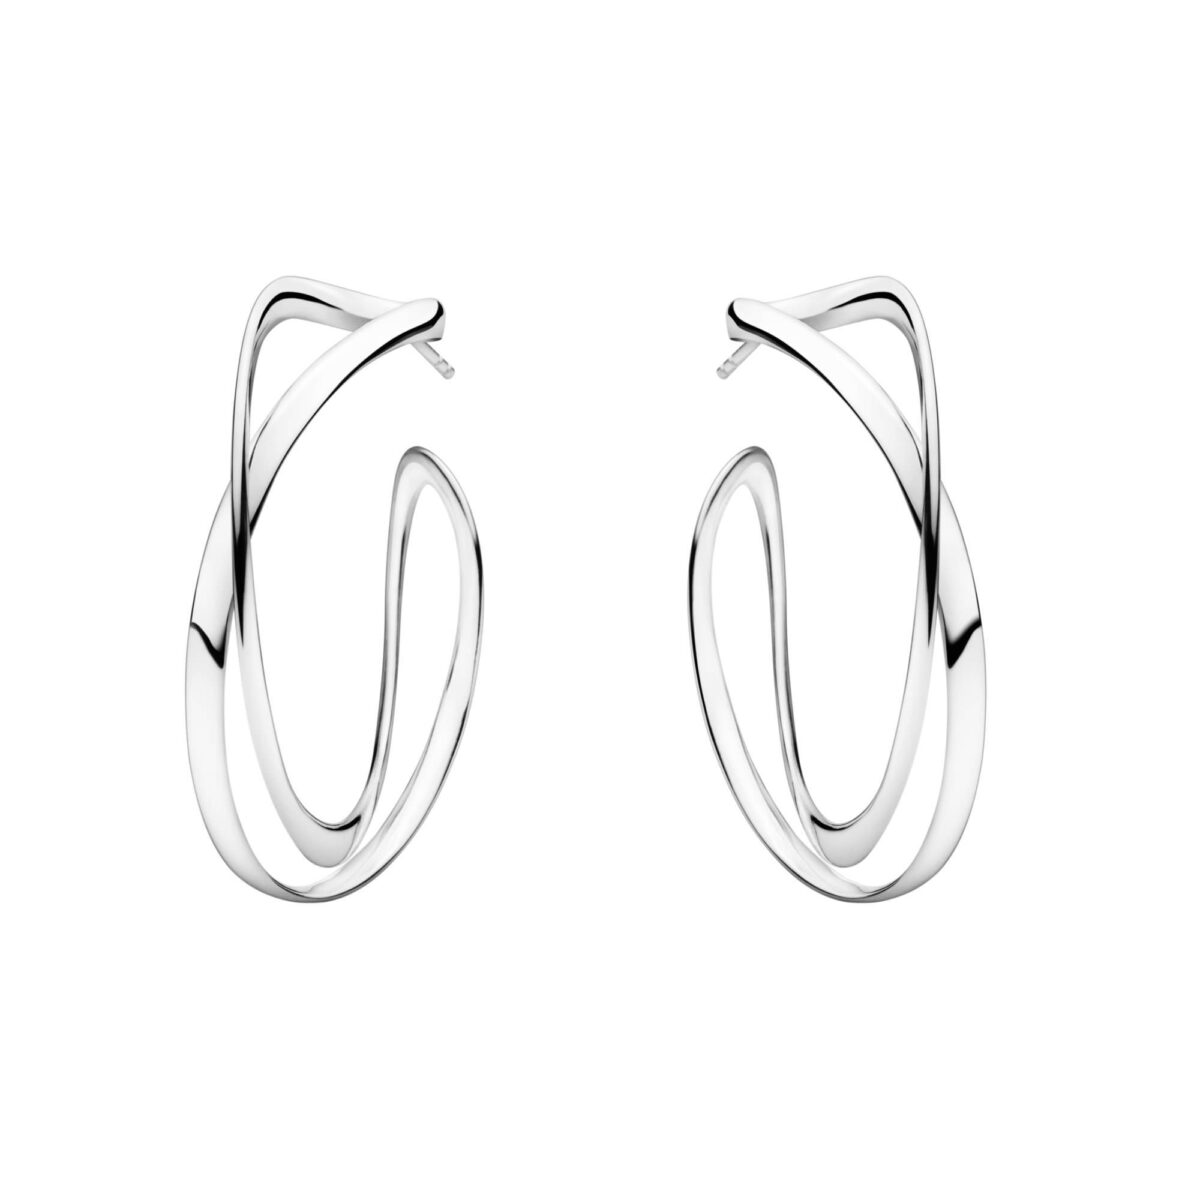 Georg Jensen Infinity Hoops - Large